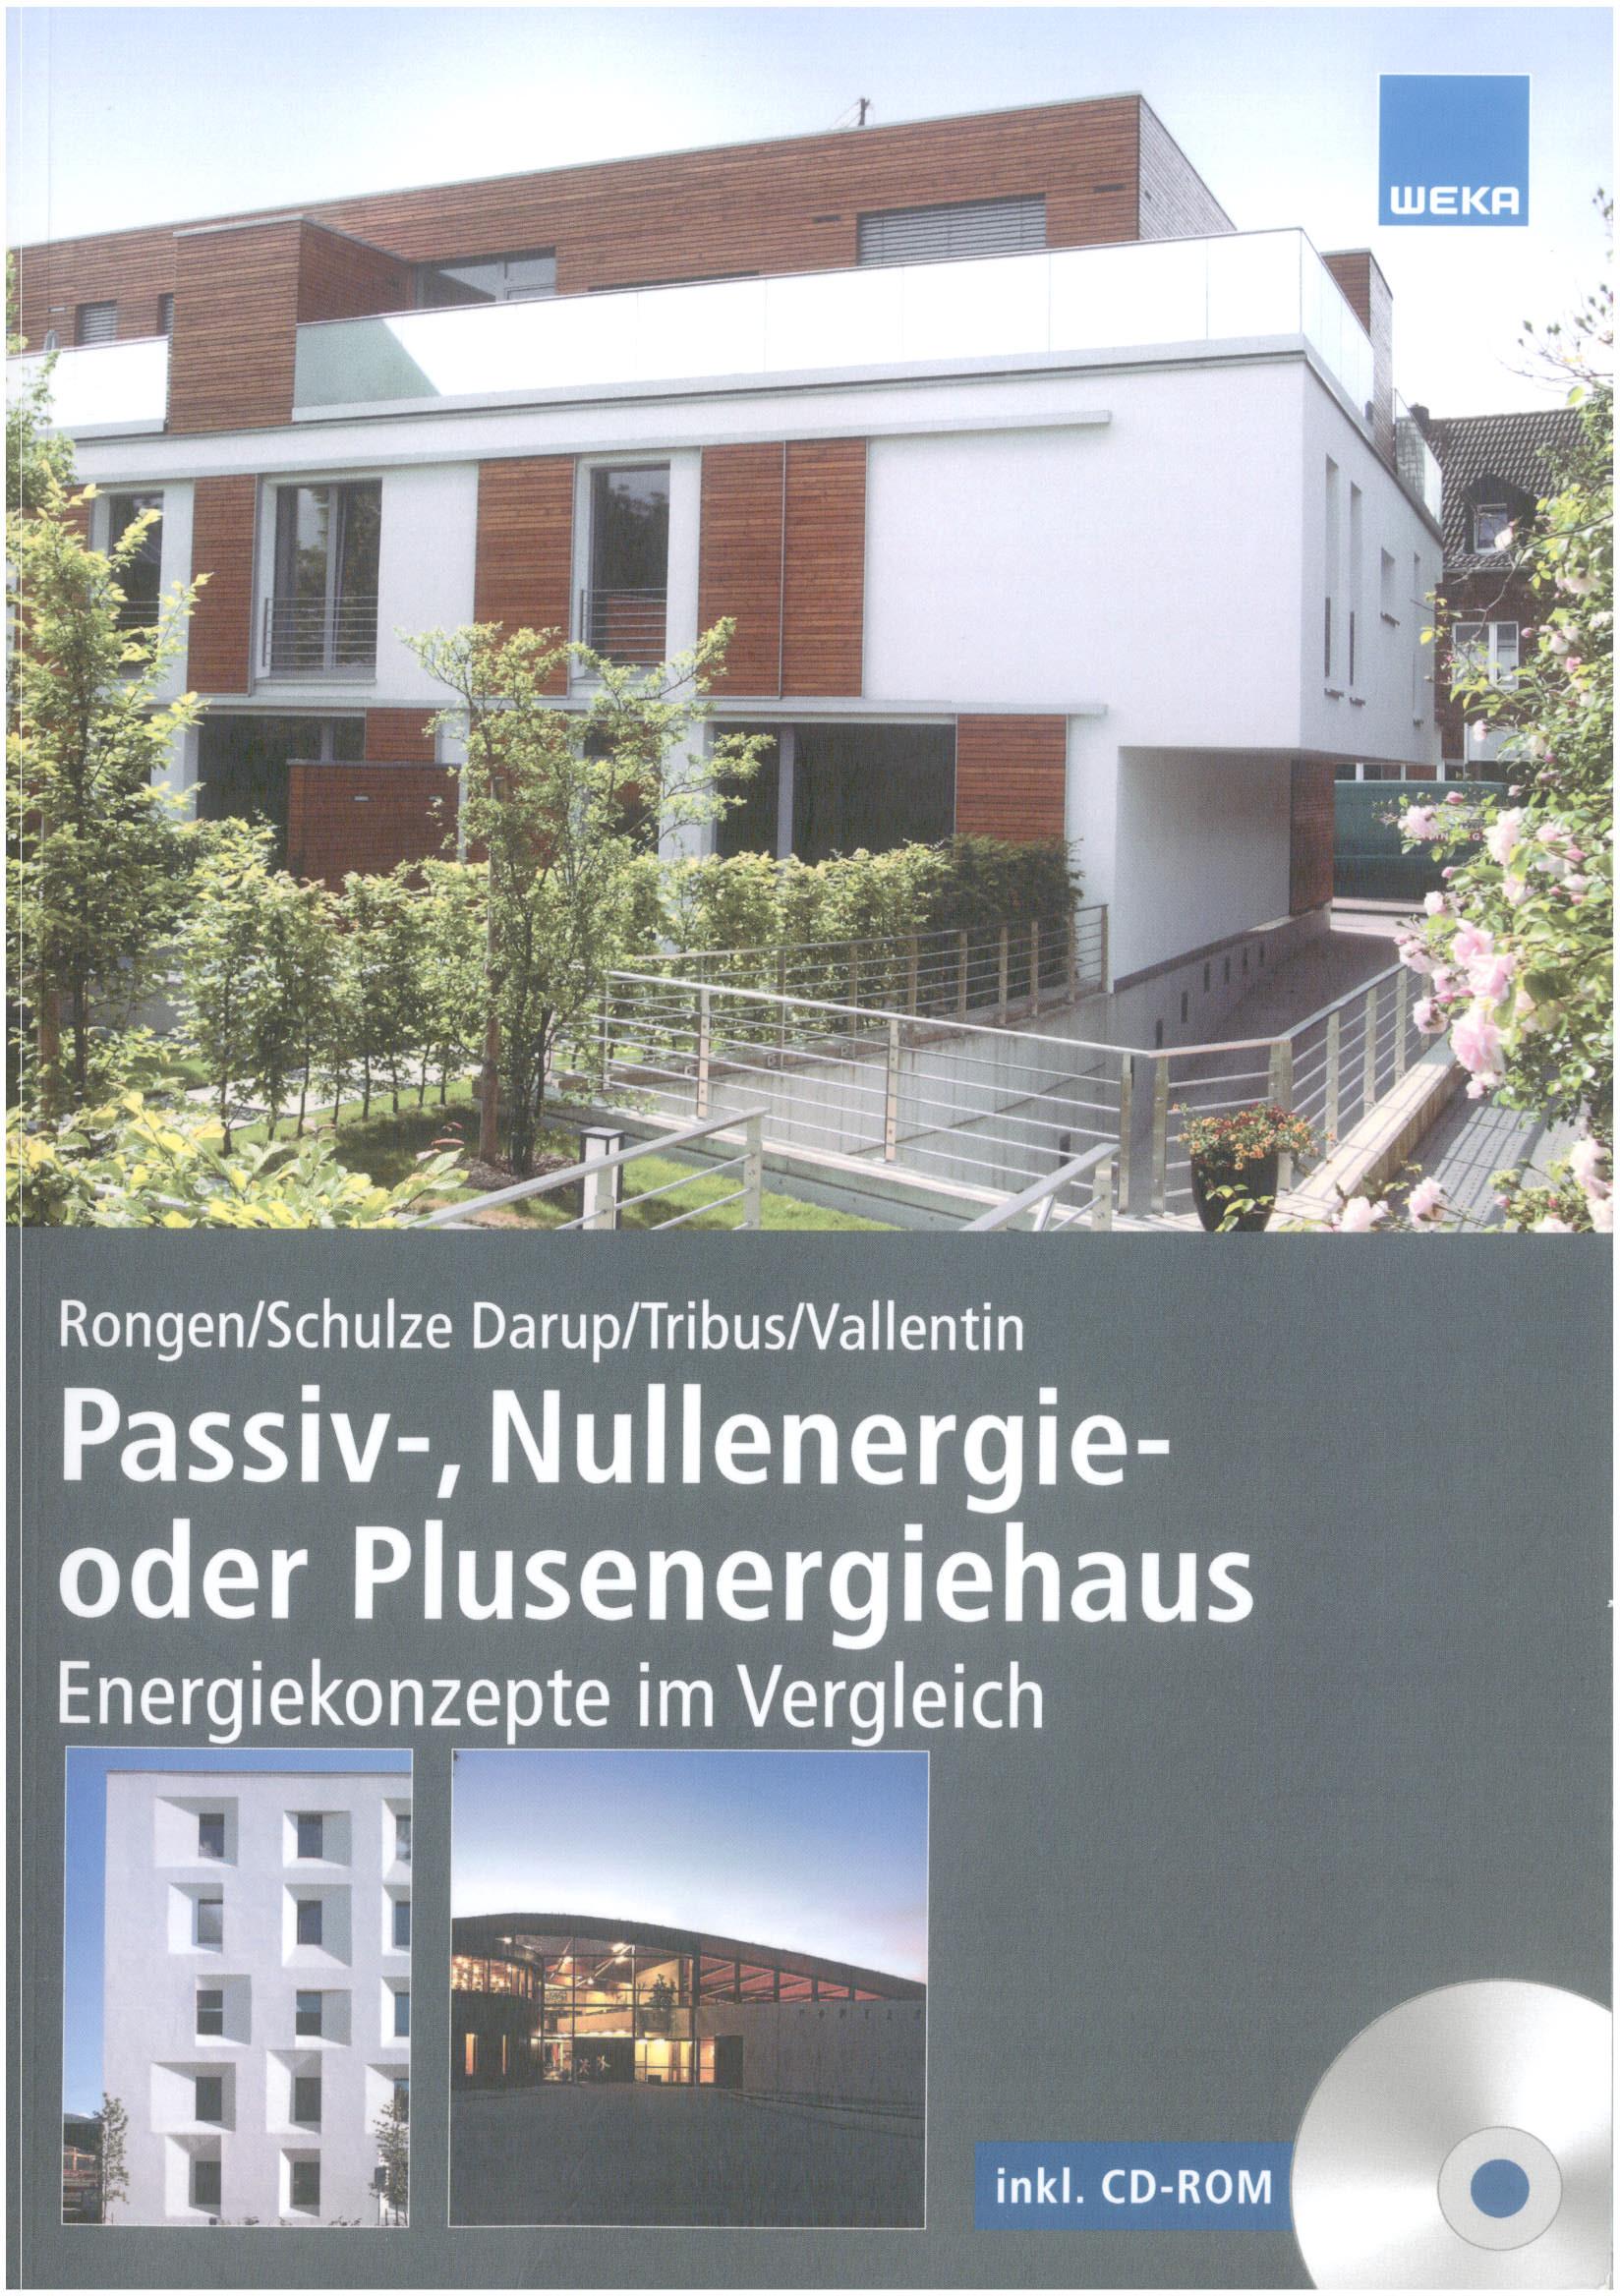 Veröffentlichungen - Benjamin Wimmer Architekt Nürnberg